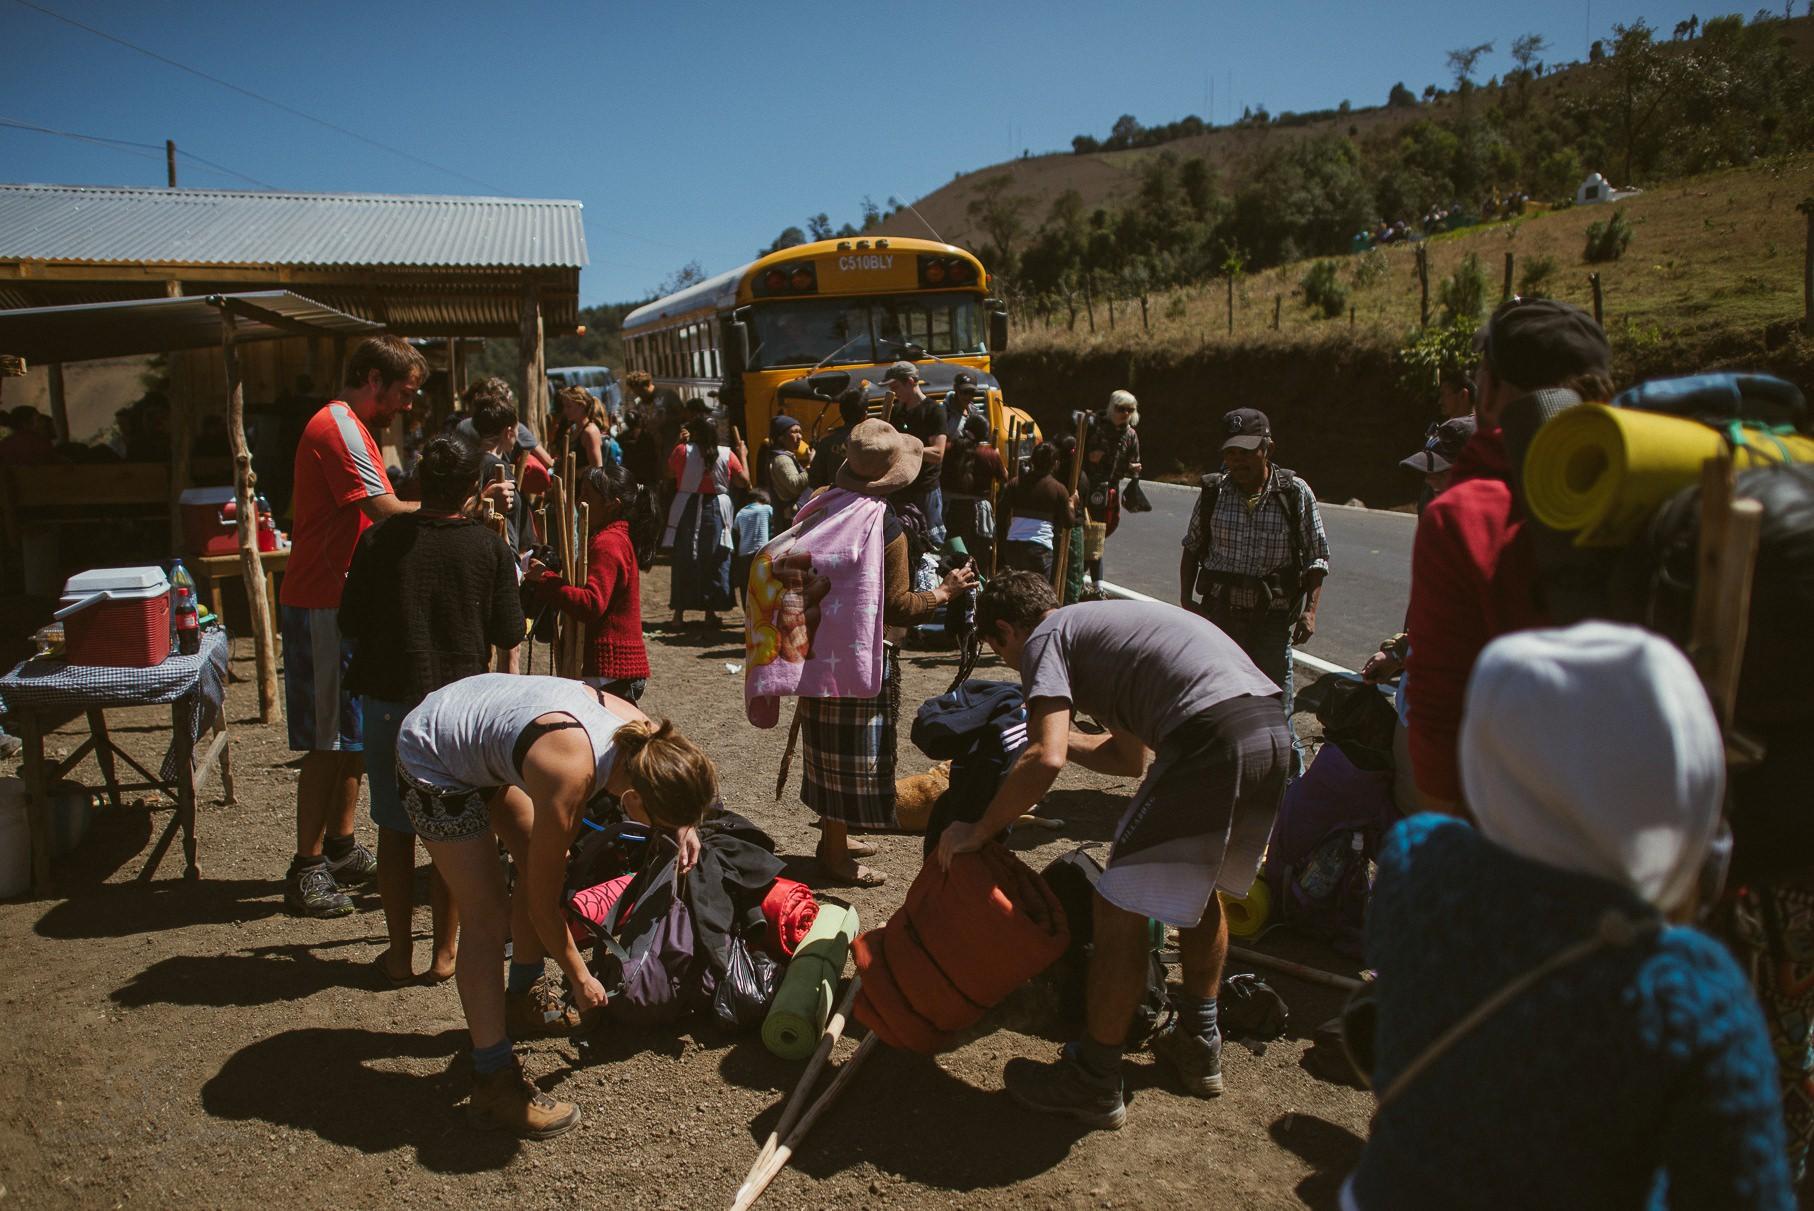 0077 anne und bjoern guatemala 811 3161 - 4 Wochen durch Guatemala - backpacking durch Mittelamerika